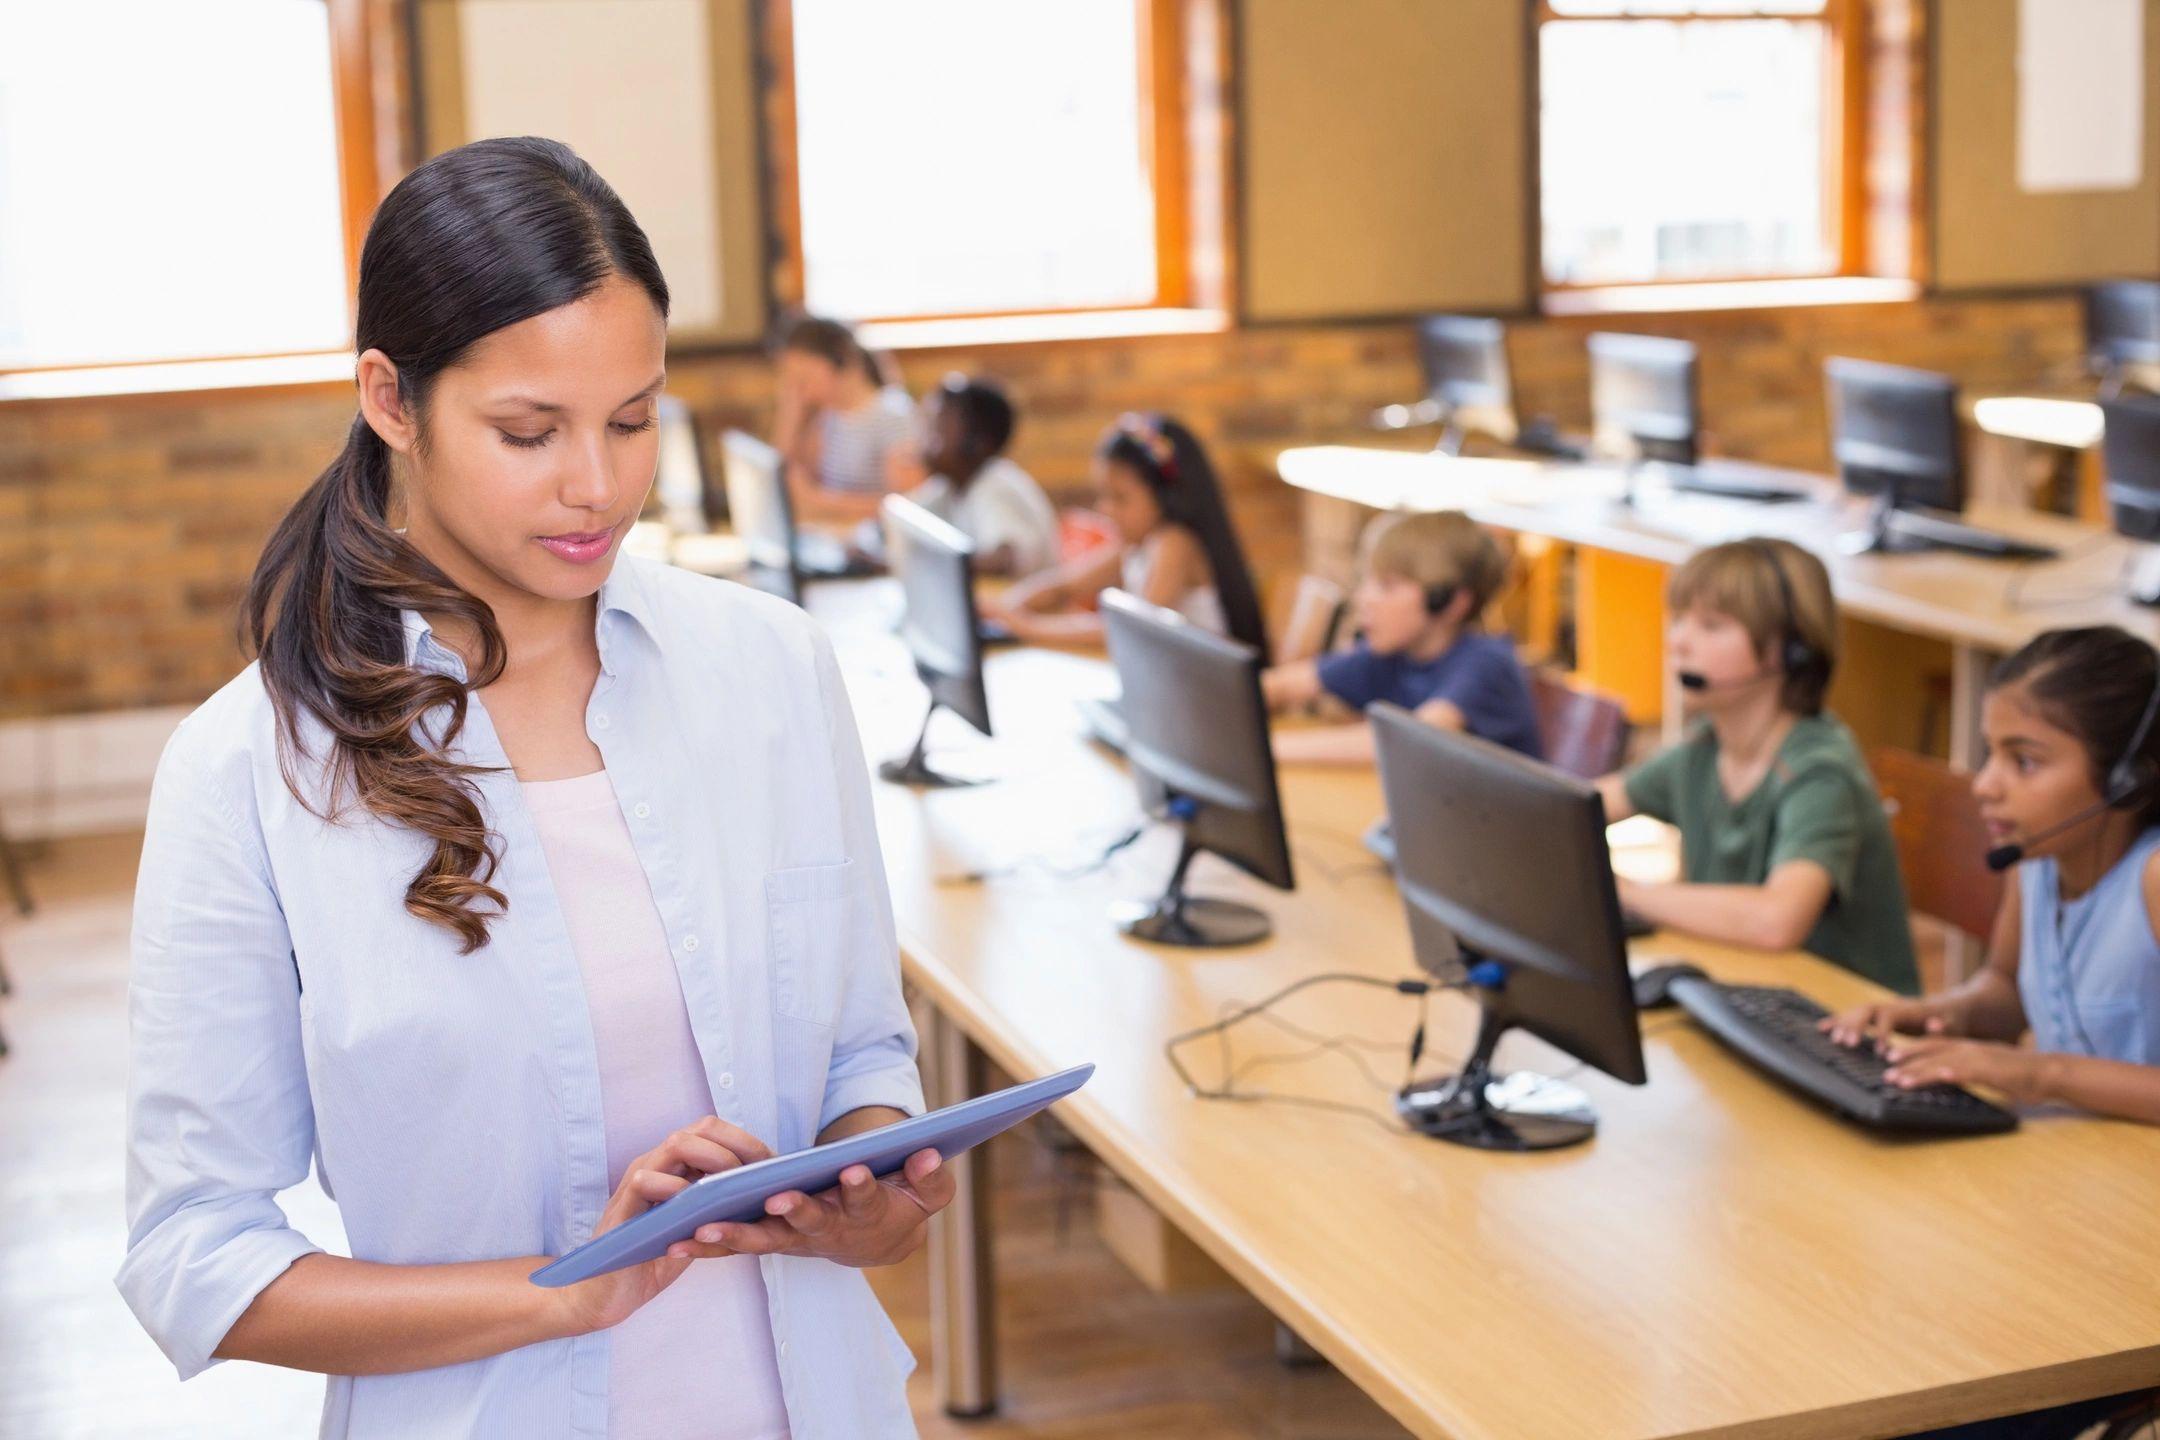 Mined autoriza clases en linea a colegios privados en Nicaragua